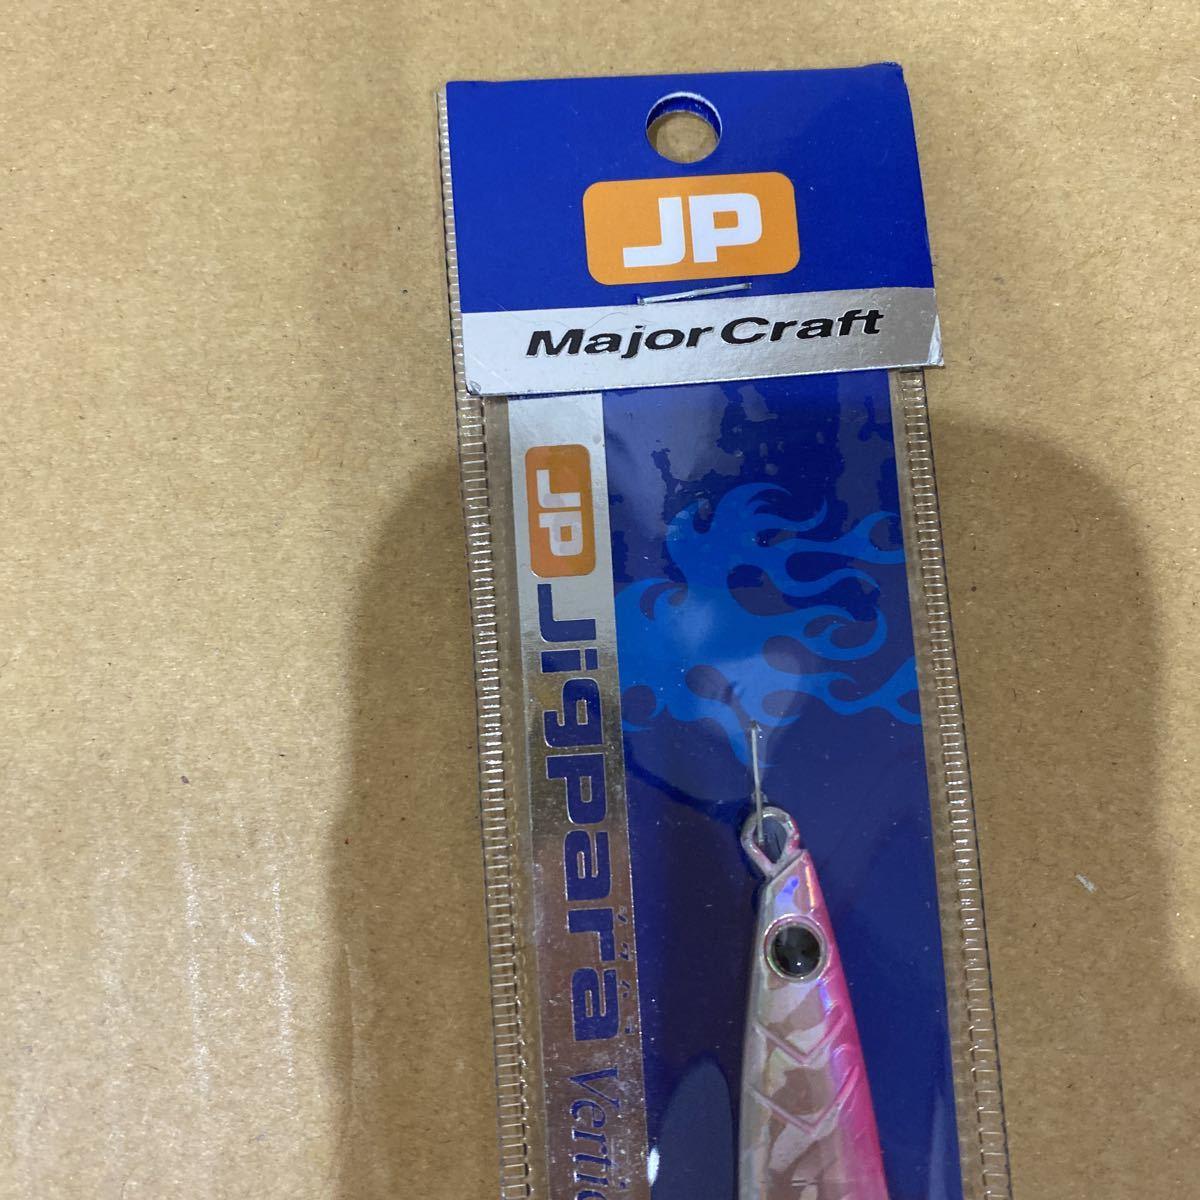 G6-34 新品未使用 メジャークラフト ジグパラ バーチカル ロング 100g 人気色 メタルジグ ジギング ソルト ルアー 同梱可_画像3